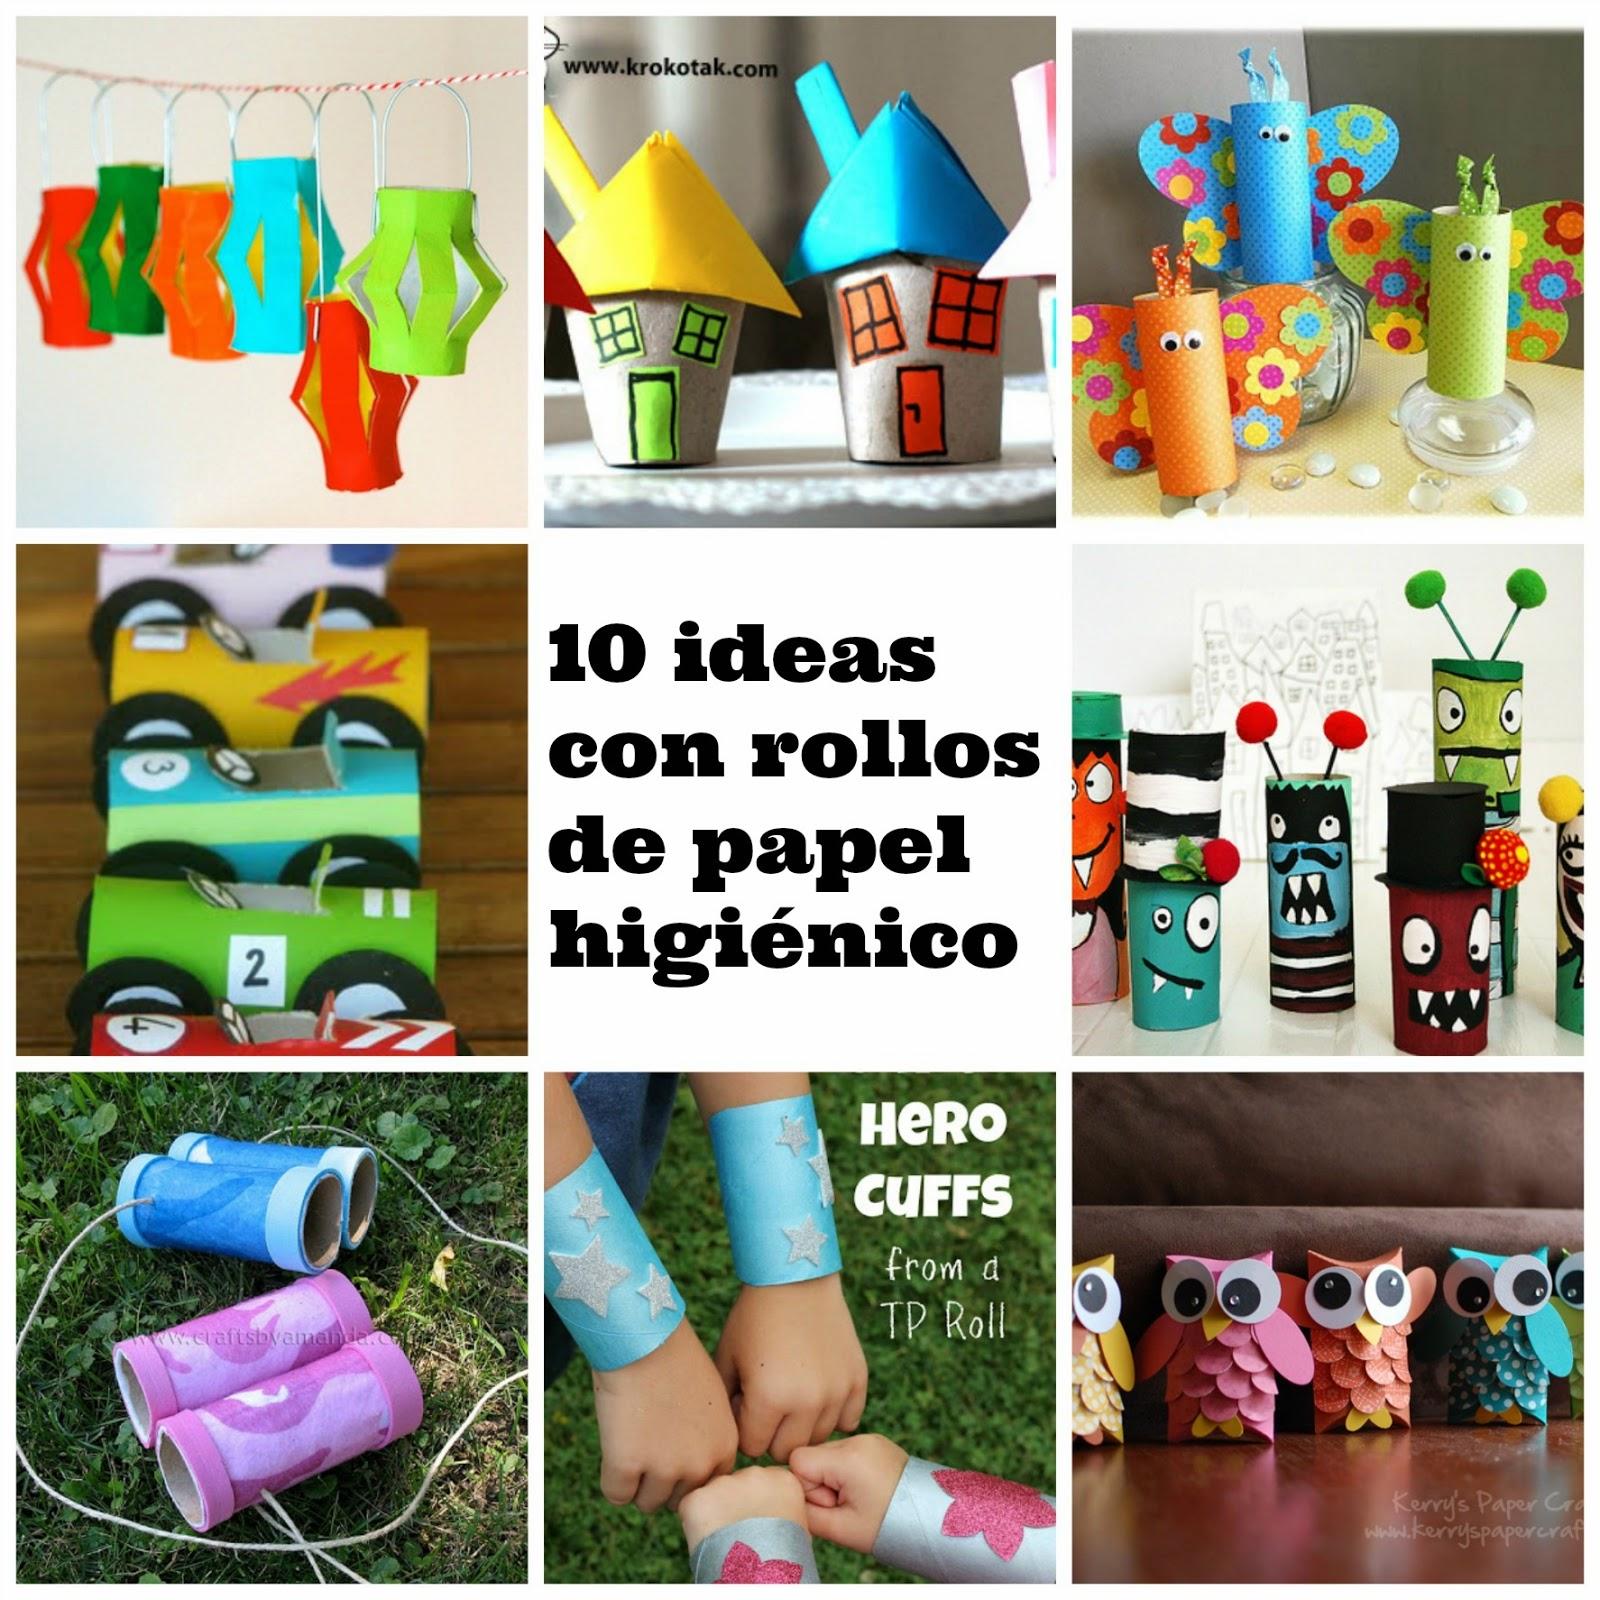 10 manualidades con el rollo de papel higi nico - Decoracion con rollos de papel higienico ...